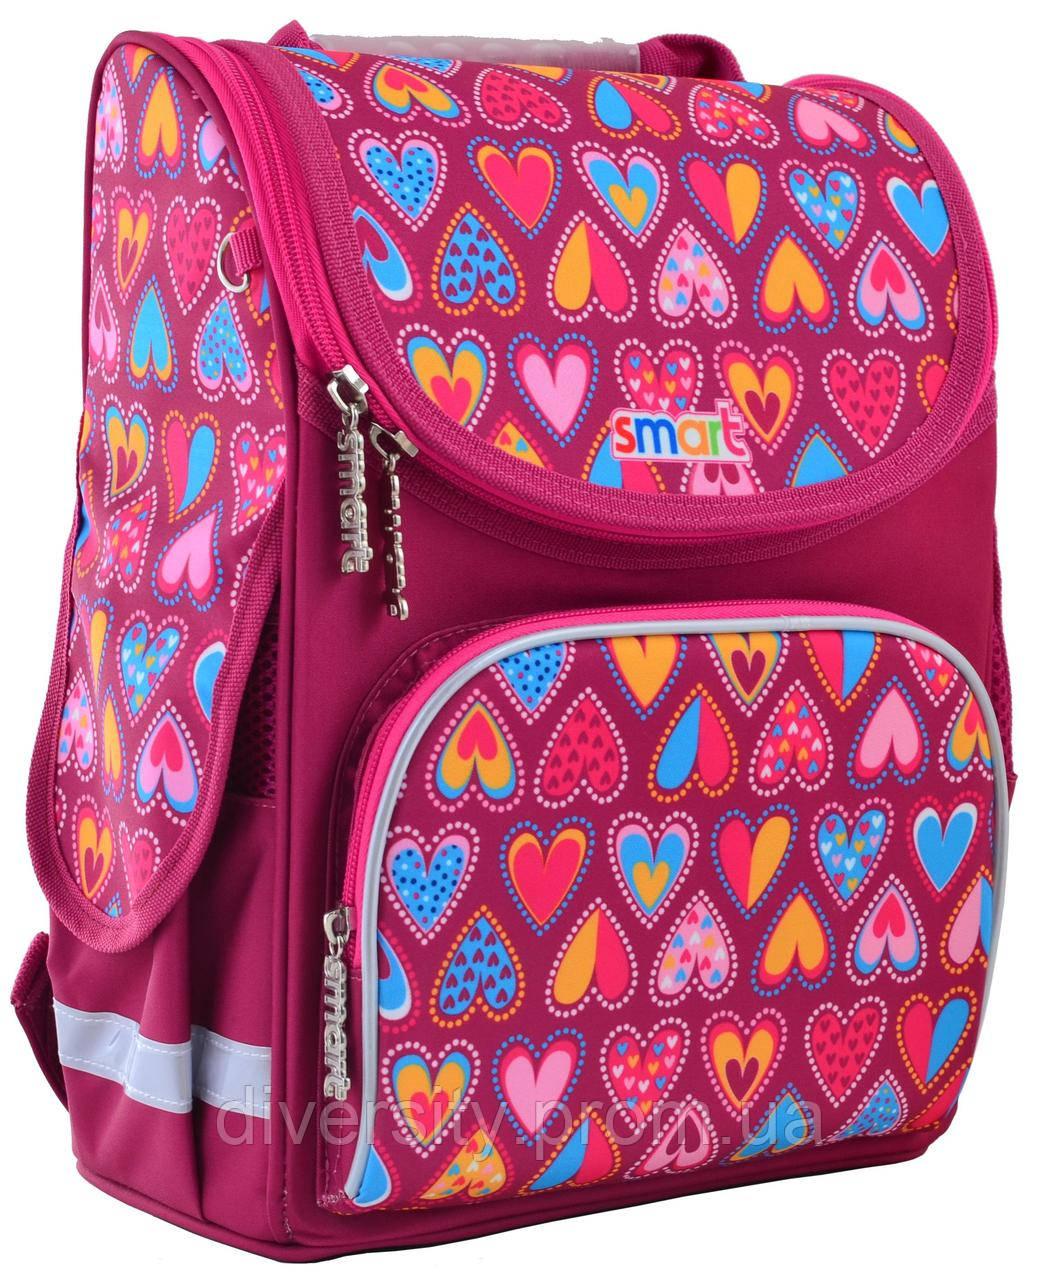 """Школьный рюкзак,каркасный PG-11 """"Hearts Style"""" серия """"Smart 555920"""